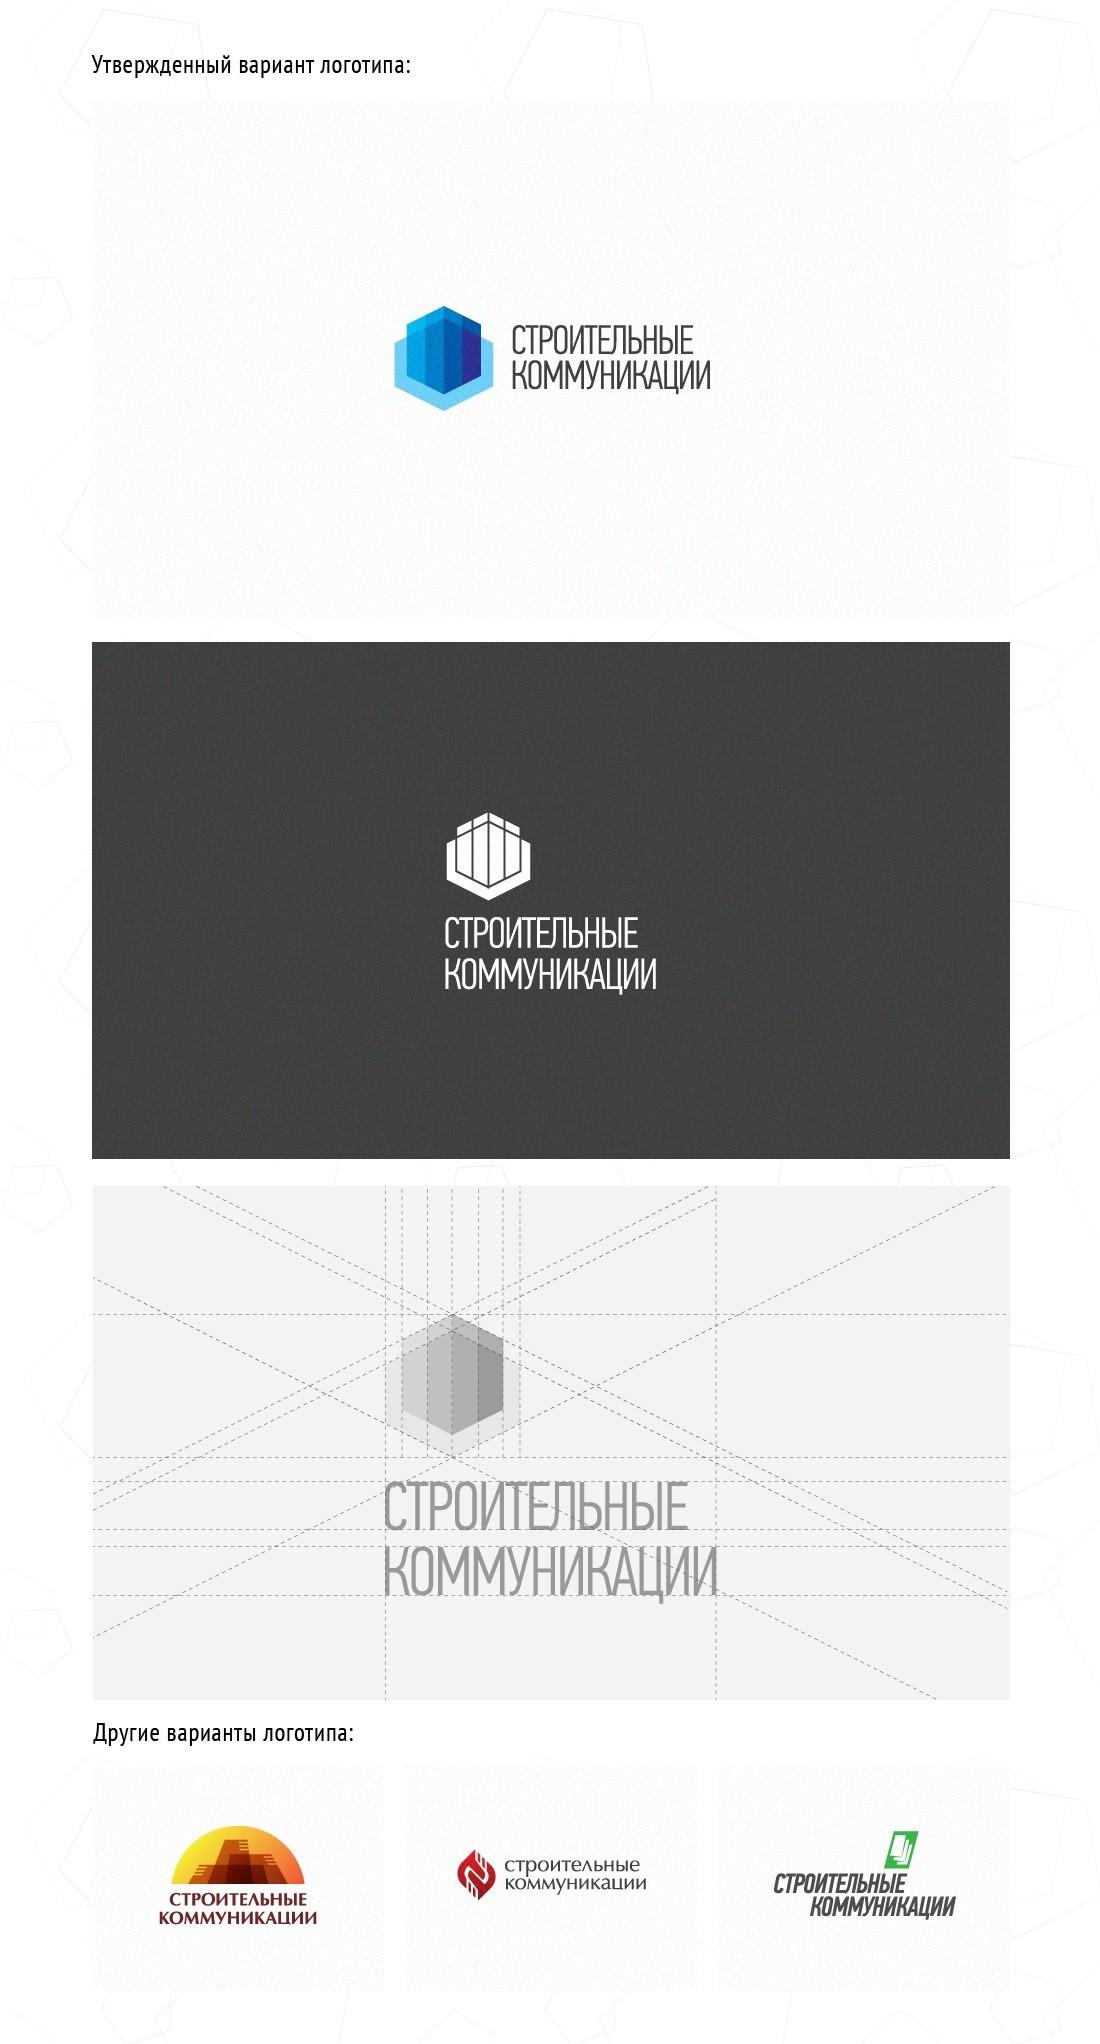 строительные коммуникации разработка логотипа